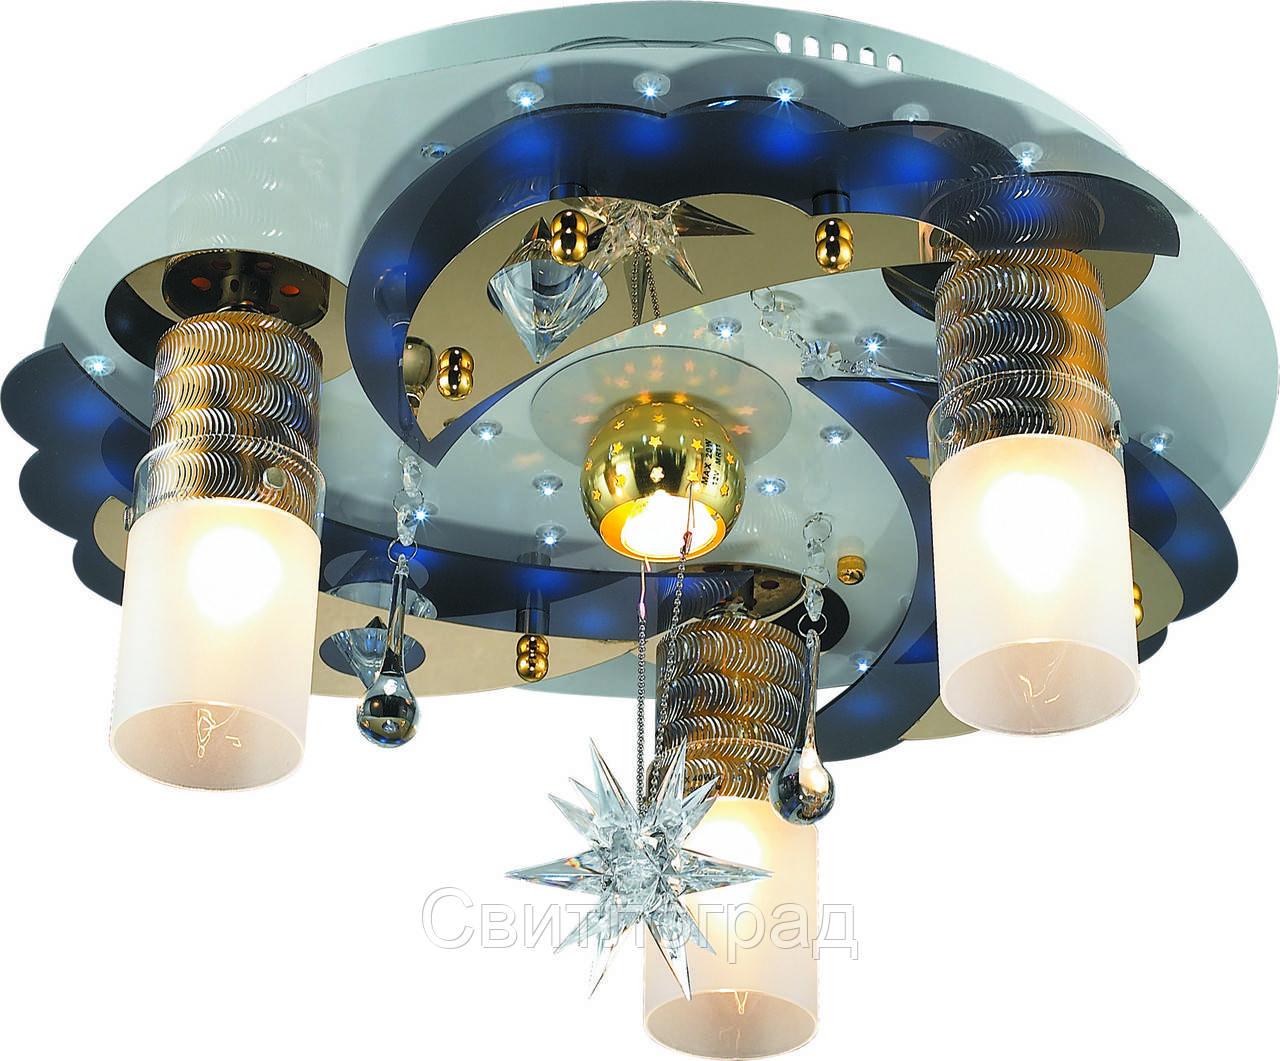 Светильник Потолочный с Led Подсветкой  с Плафонами  Altalusse LV168-04  White & Gold